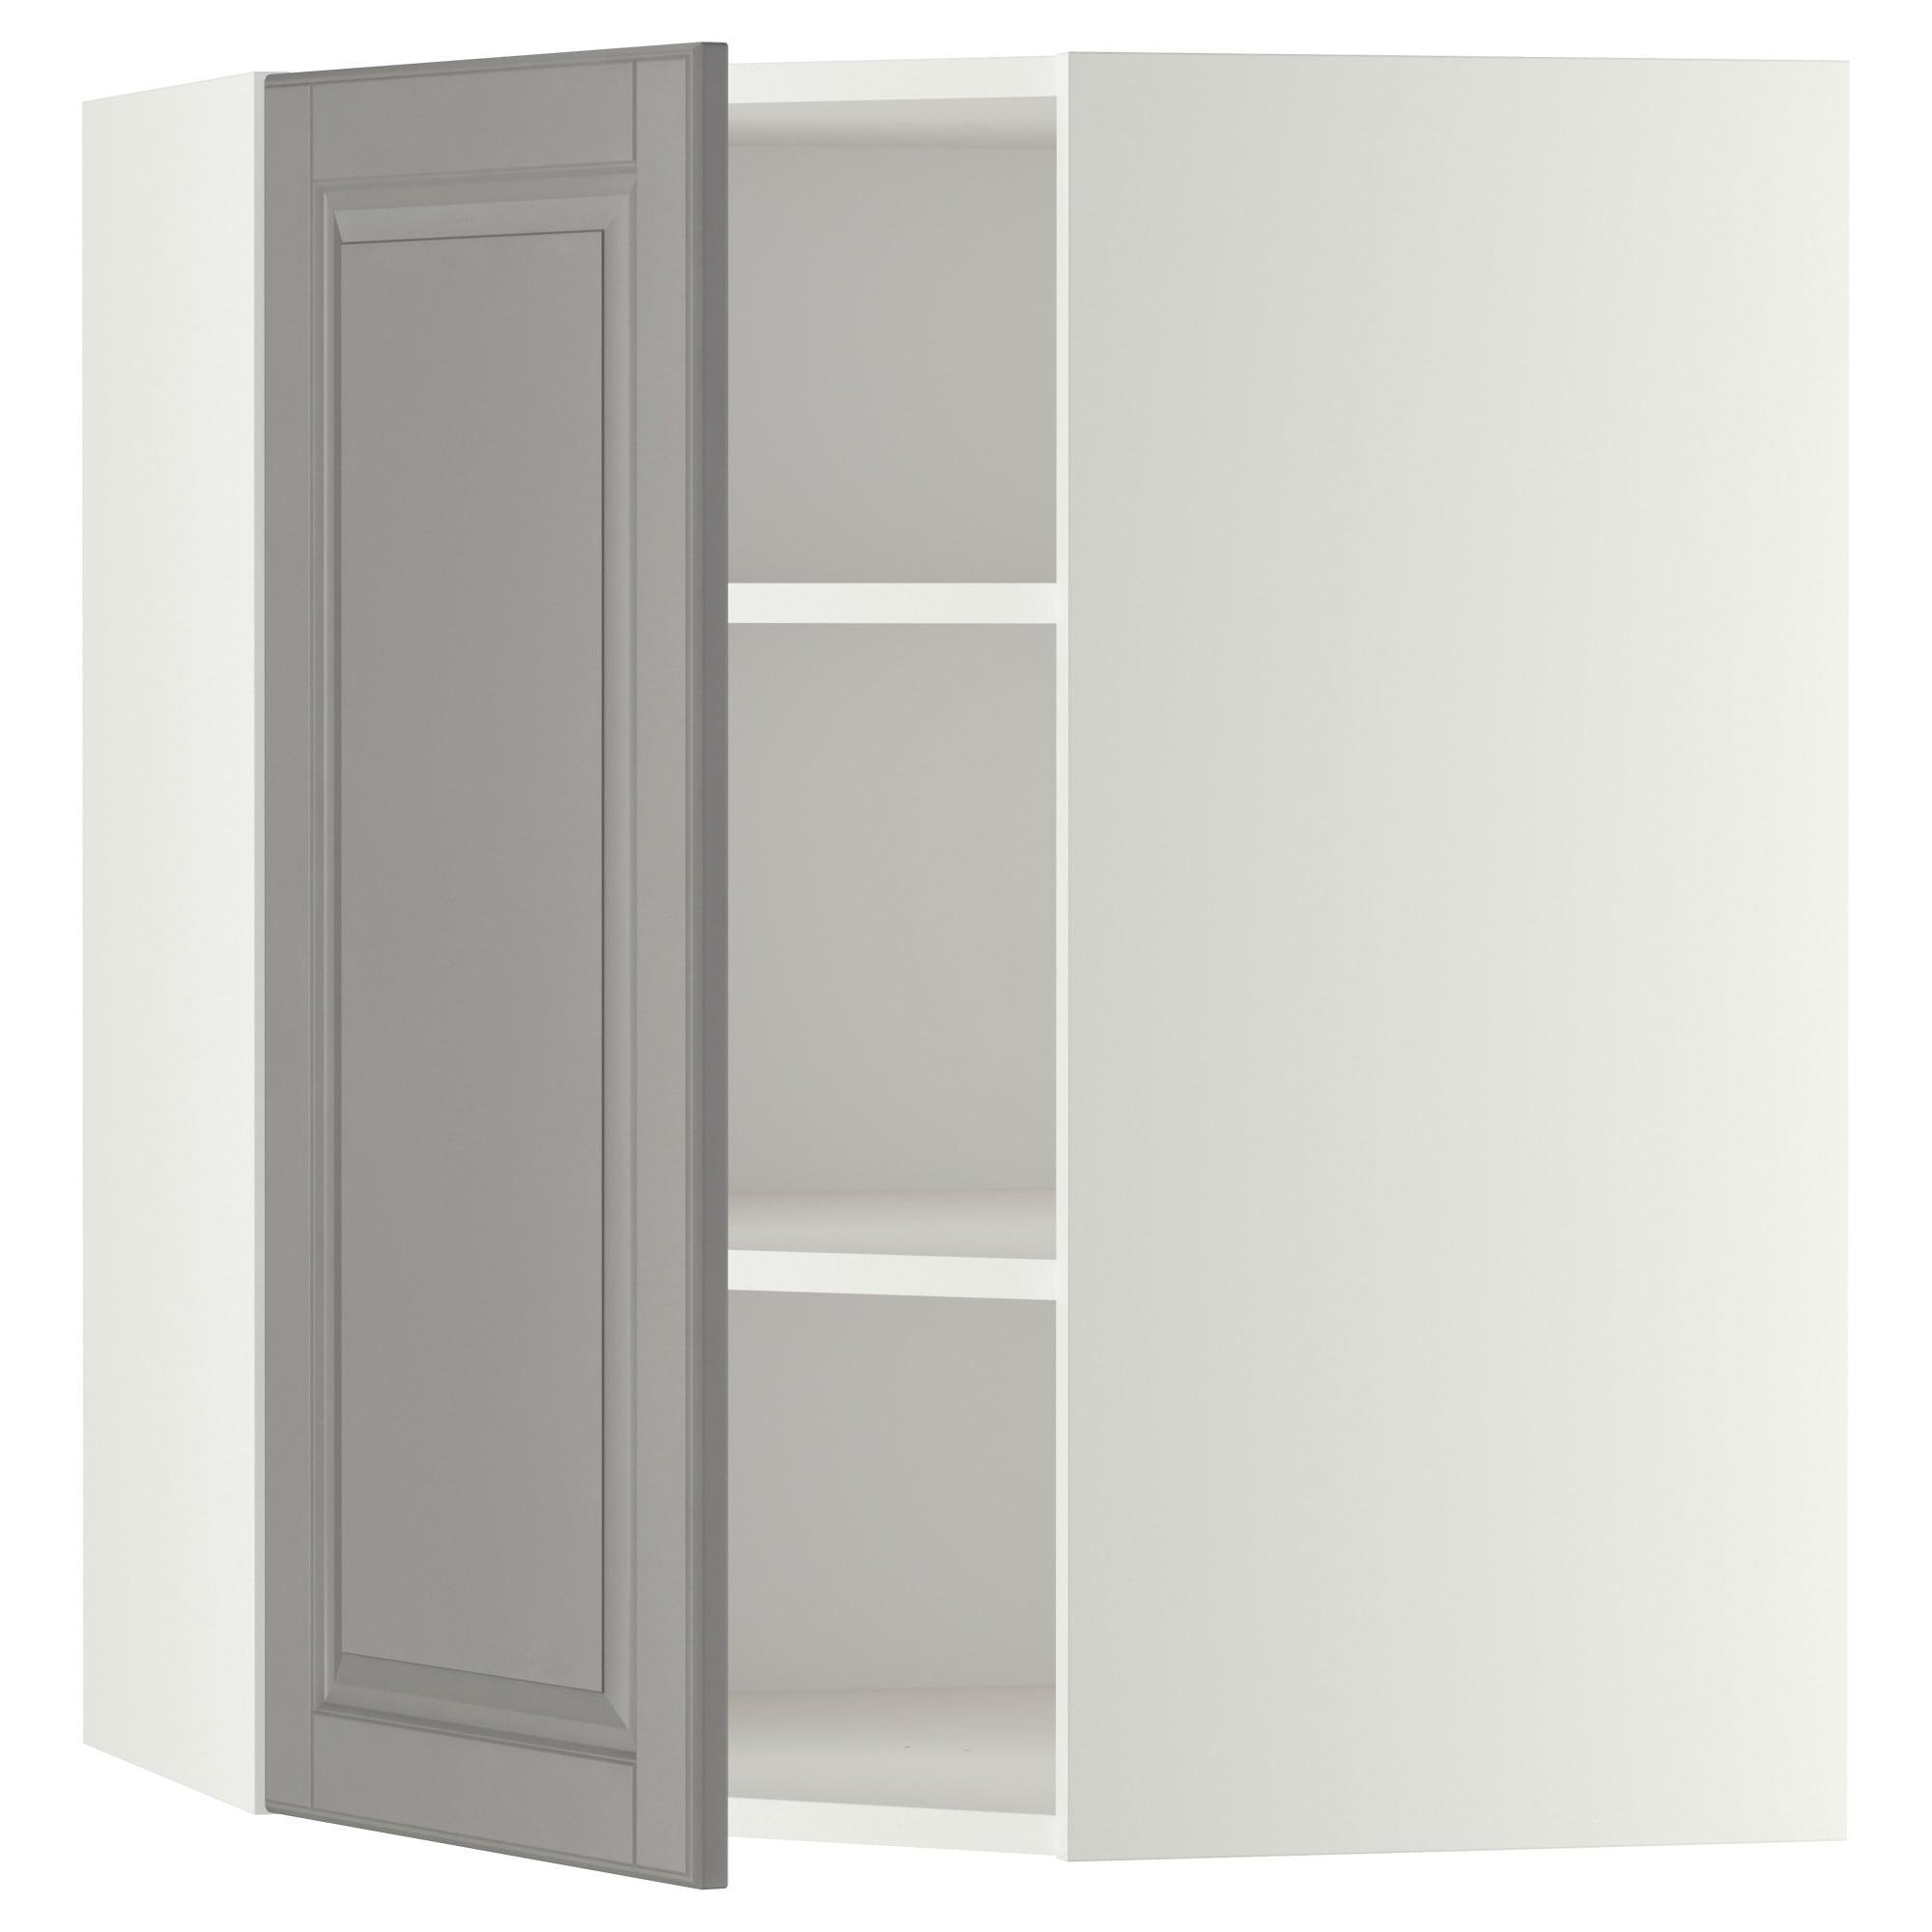 IKEA МЕТОД Угловой навесной шкаф с полками, белый, Будбин серый, 68x80 см 999.186.95